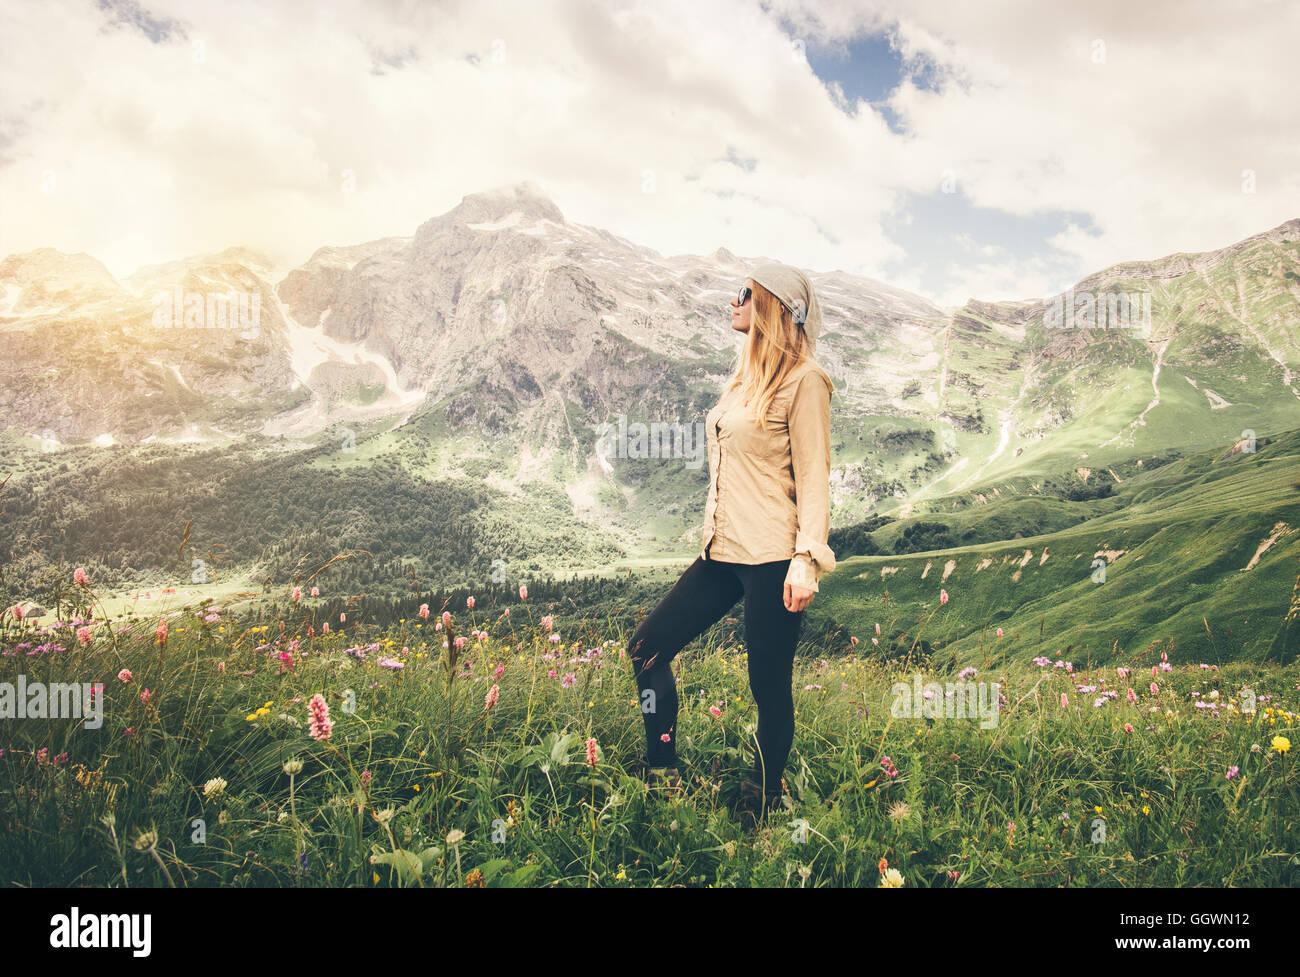 Giovane donna viaggi a piedi il concetto di stile di vita le vacanze estive outdoor montagne rocciose sullo sfondo Immagini Stock